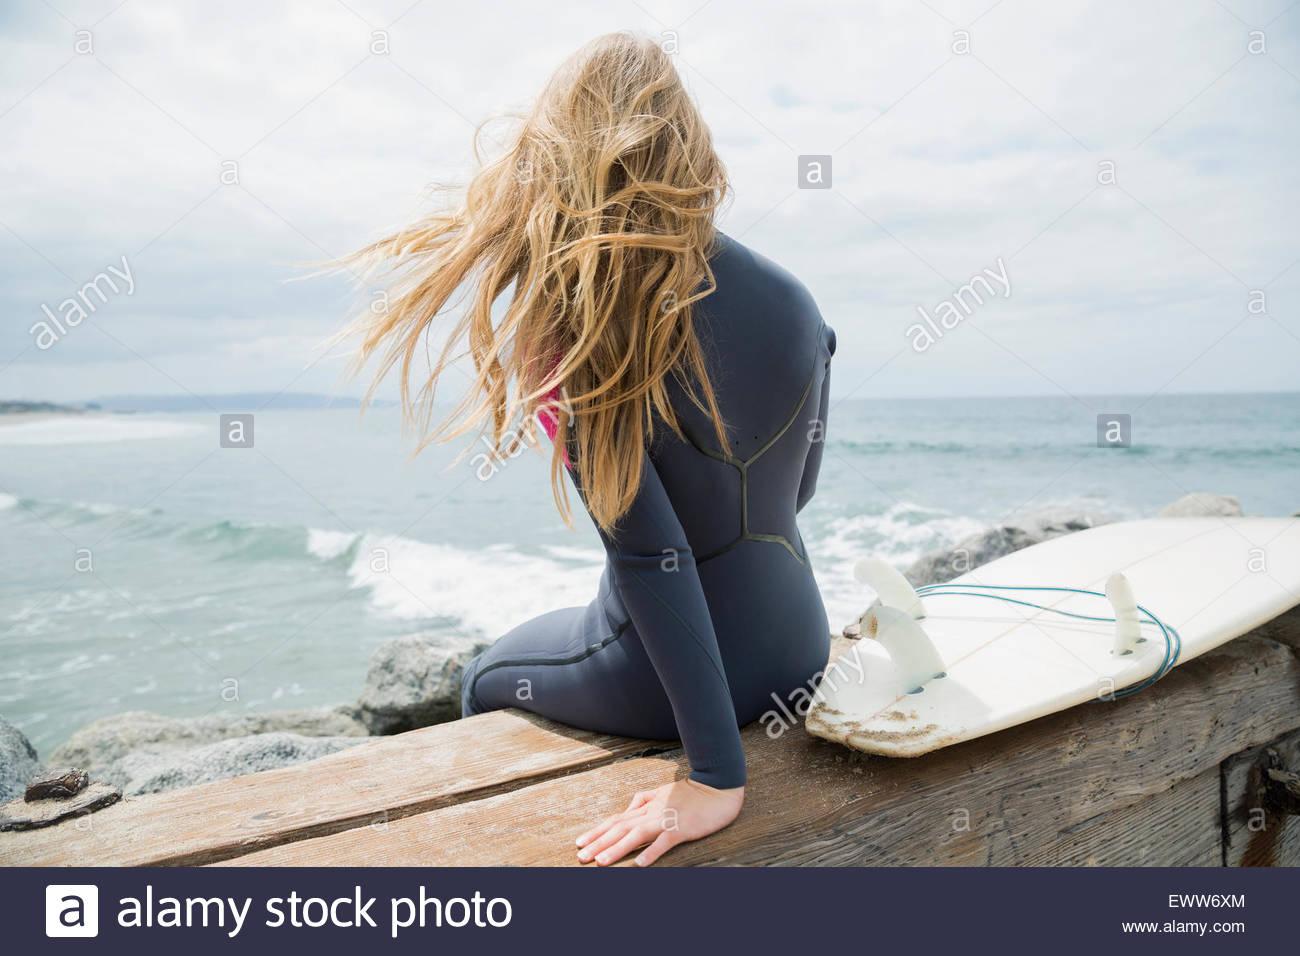 Blonde weibliche Surfer mit Surfbrett Ozean Steg sitzen Stockbild